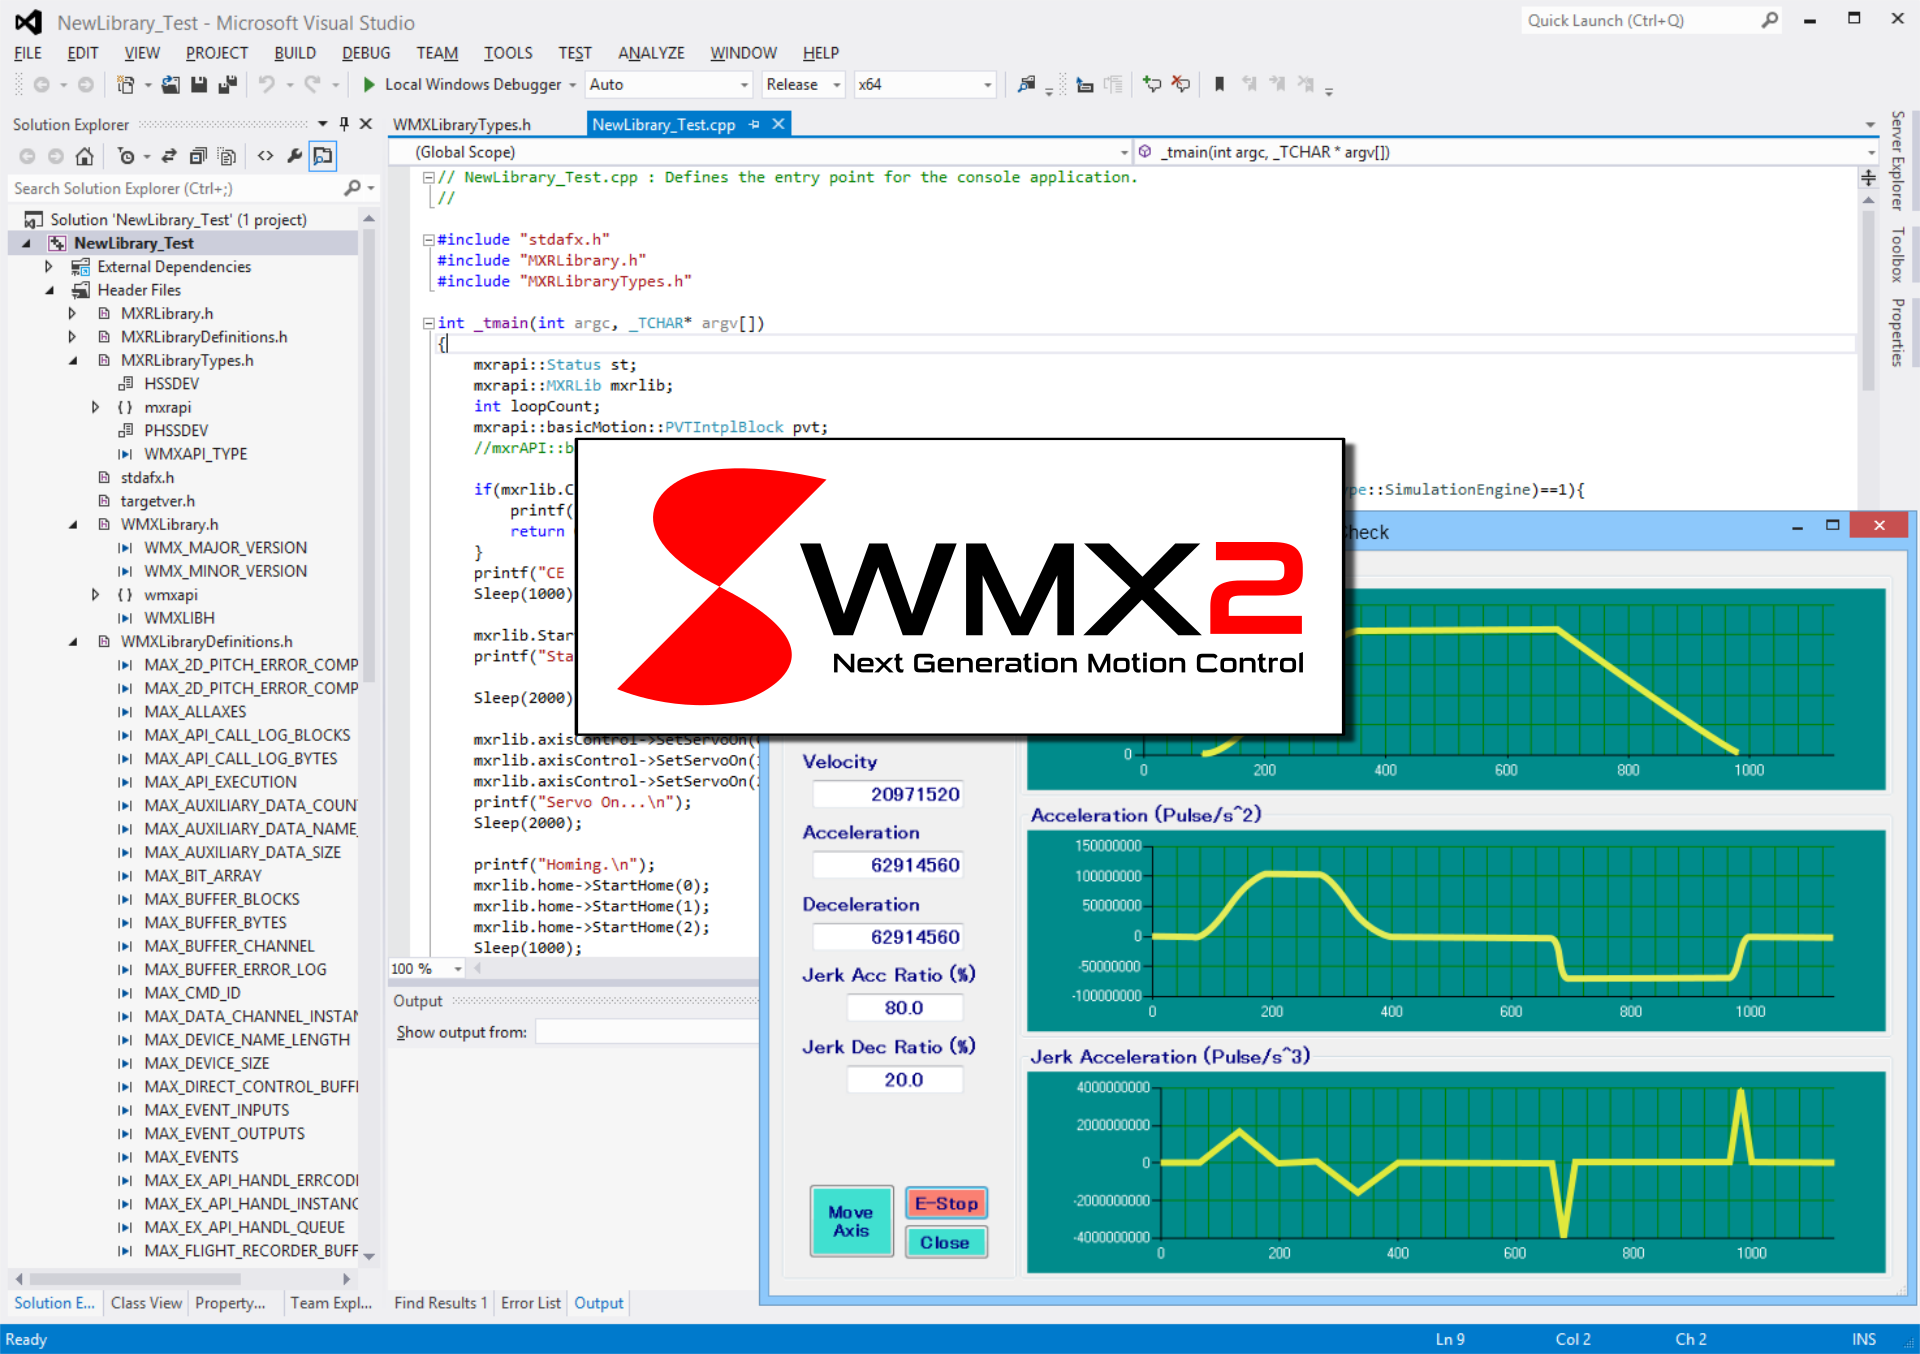 软赢 WMX2 通用运动控制系统